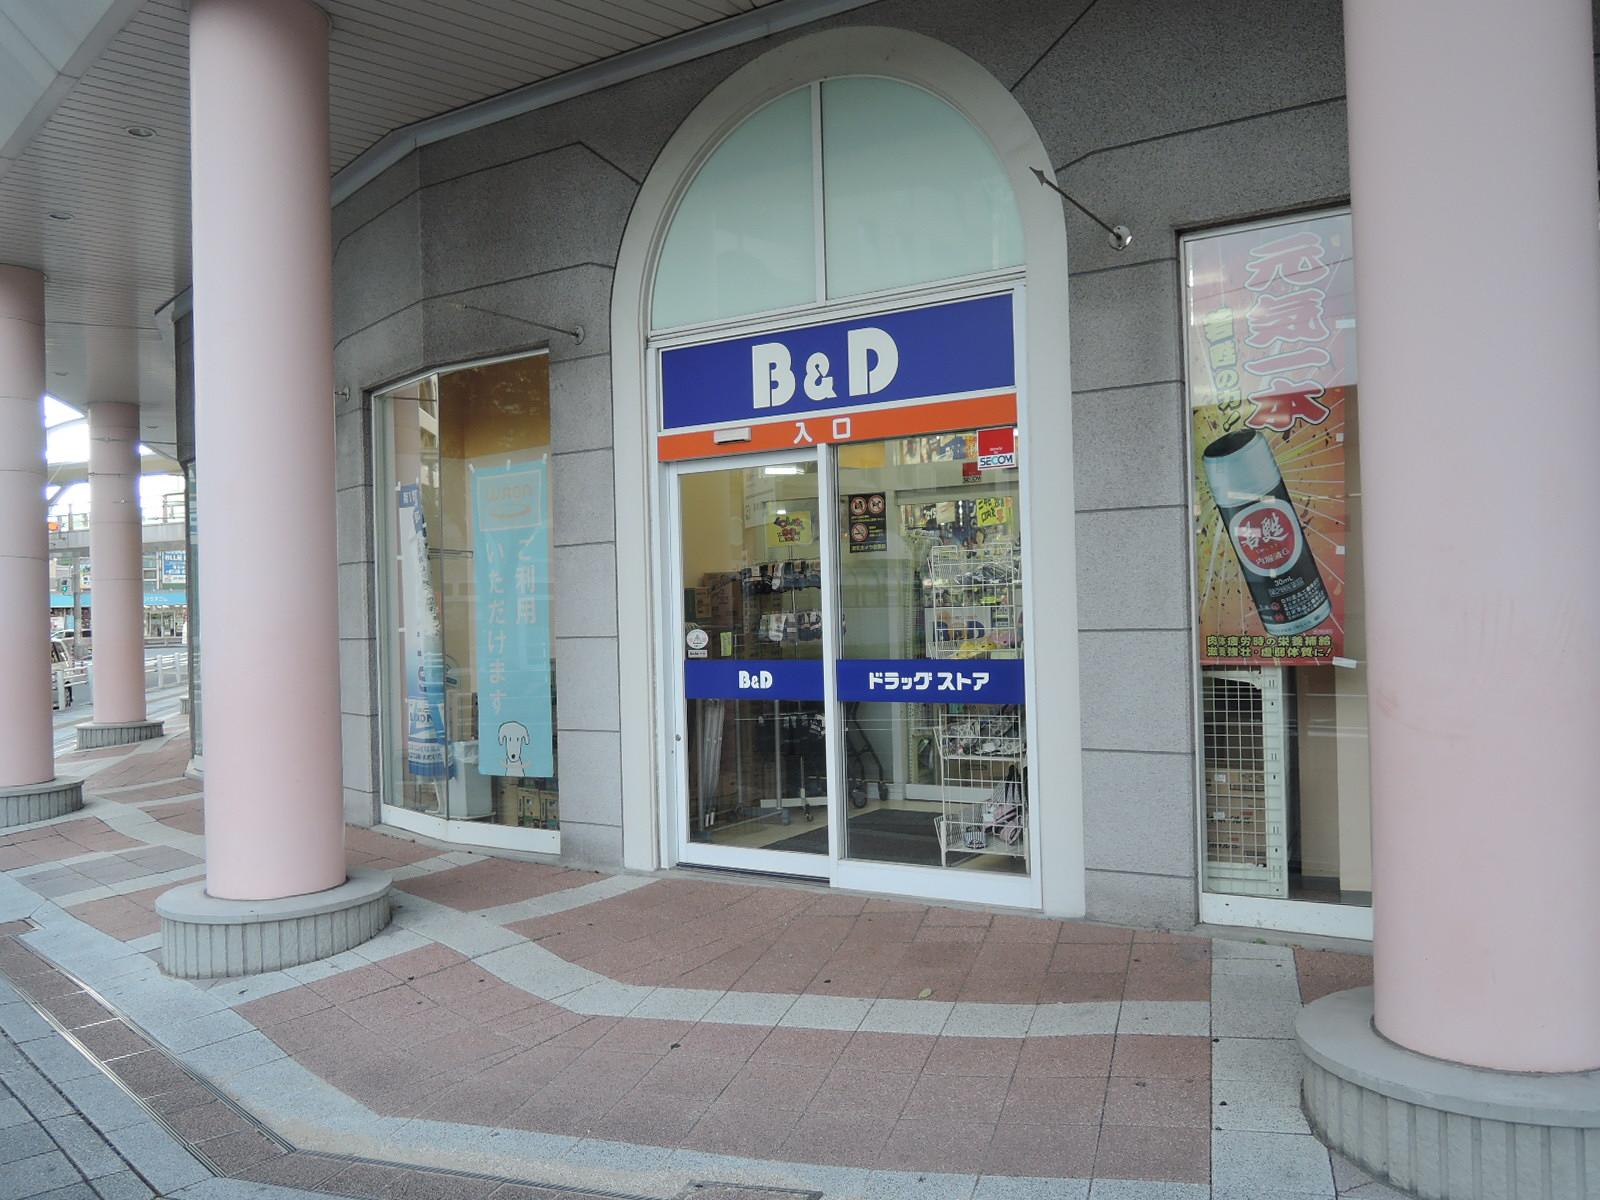 ドラッグストア:B&Dドラッグストア勝川駅店 315m 近隣